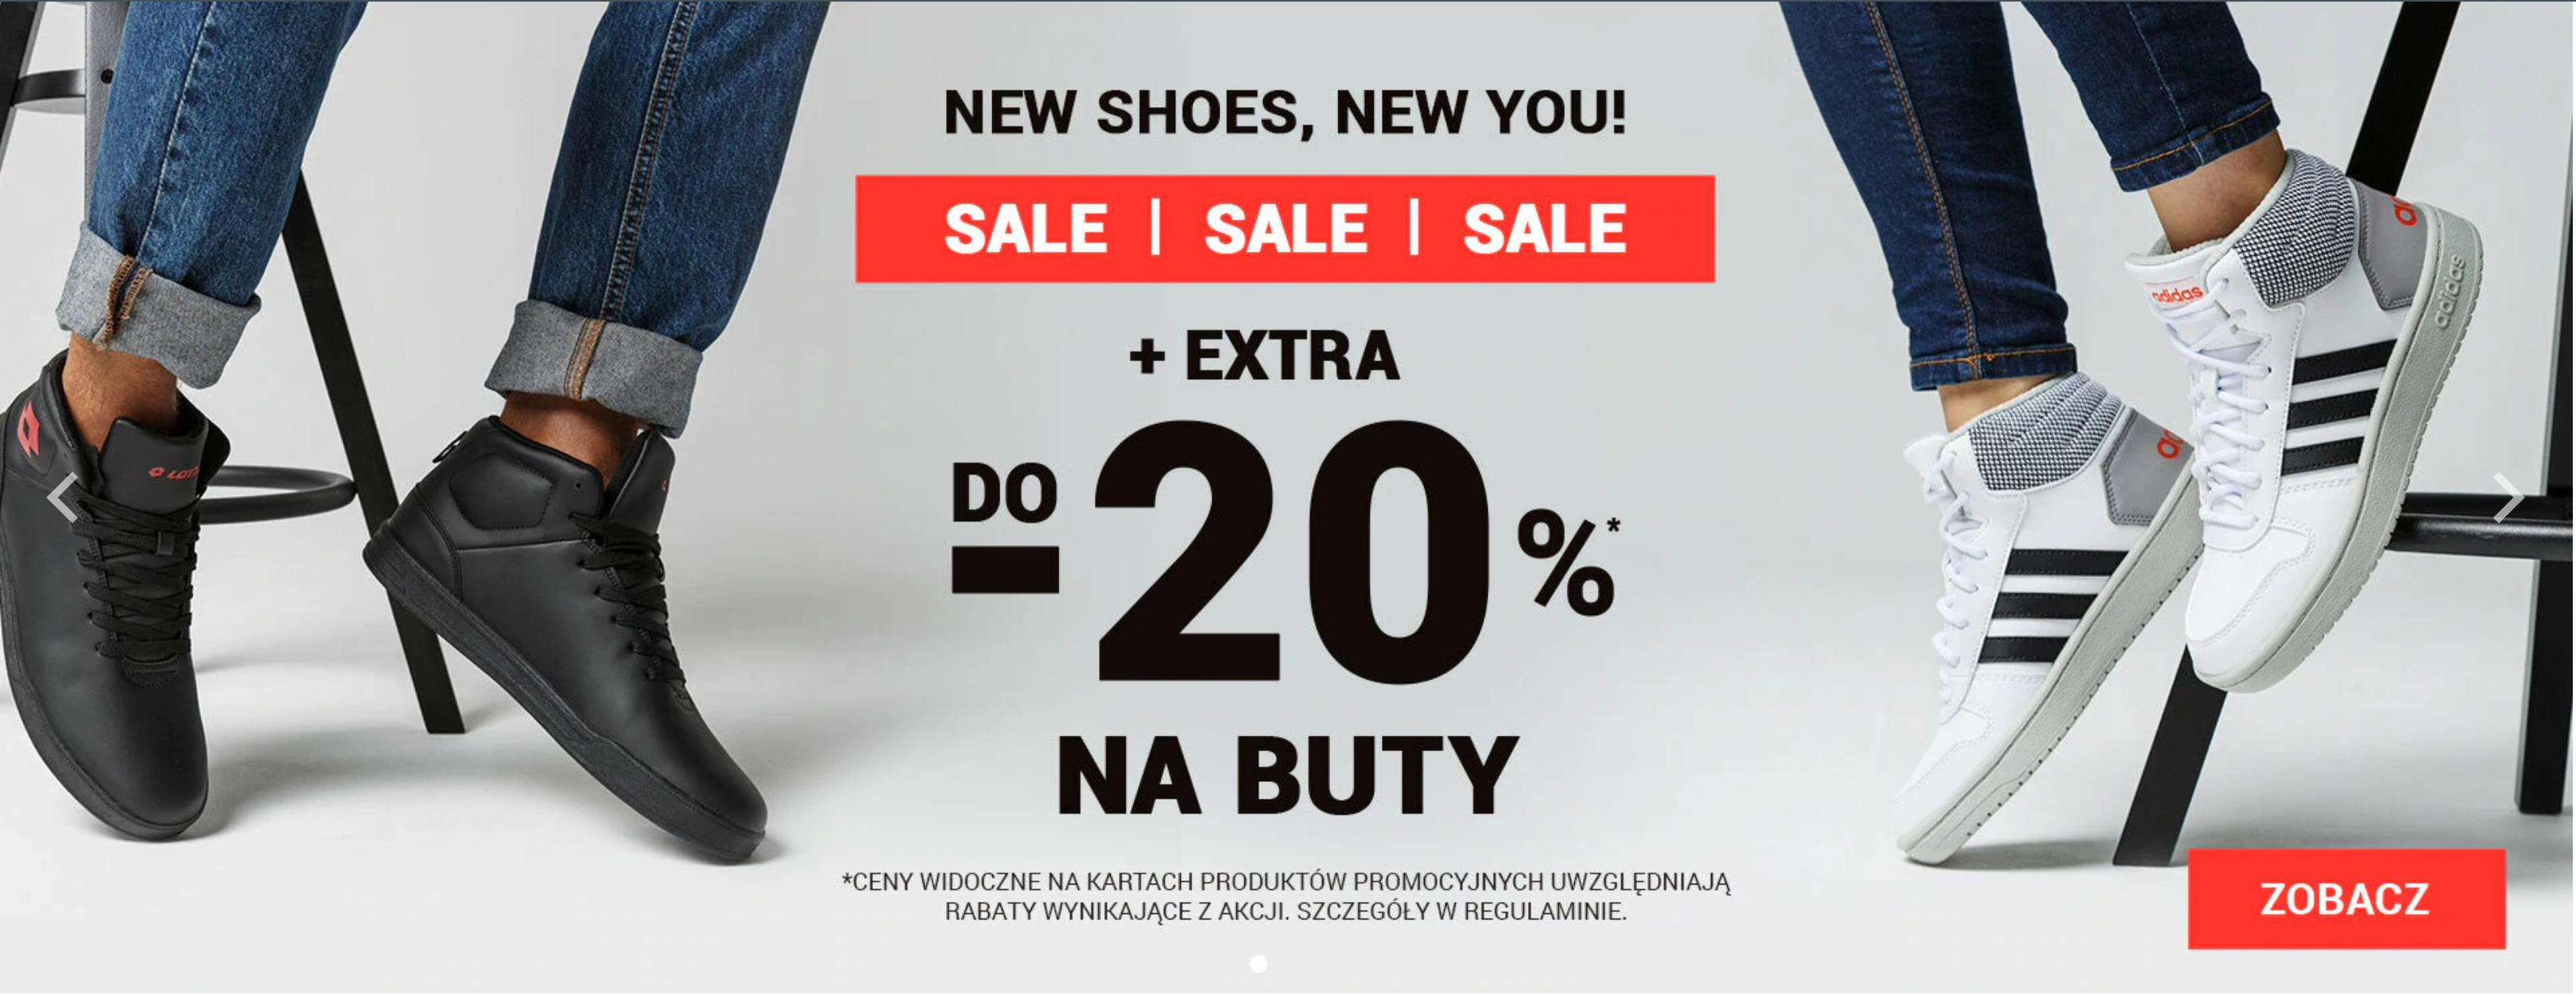 ButySportowe.pl: extra  do 20% zniżki na wyprzedaż butów sportowych